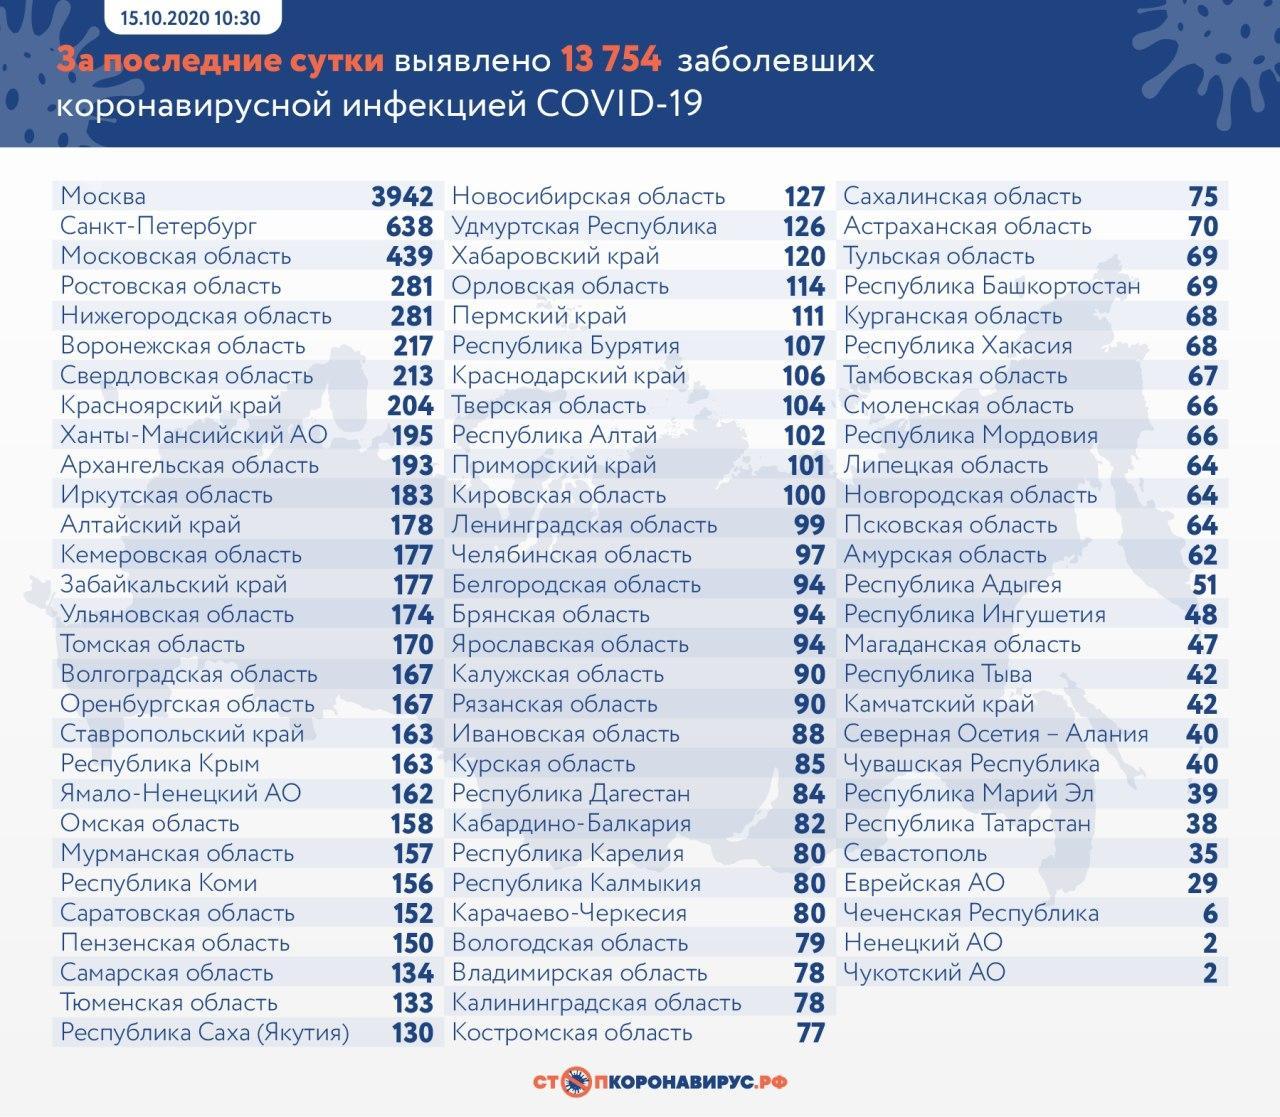 За последние сутки в России выявлены 13 754 заразившихся коронавирусом